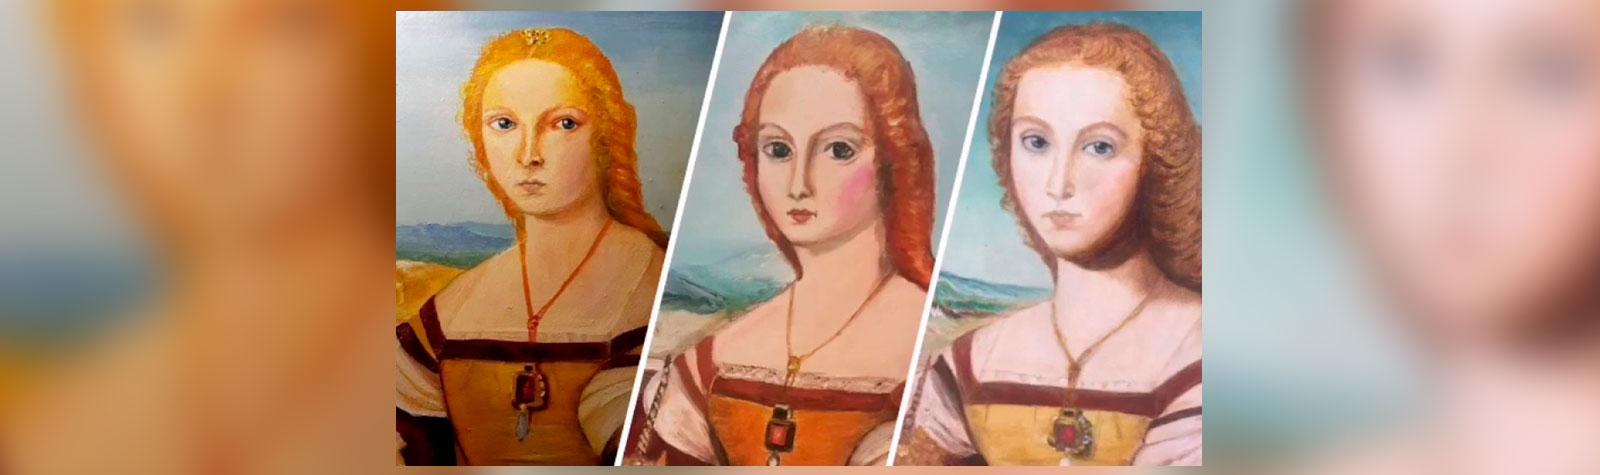 Corporación de Artes y Cultura Colina: Homenaje a Rafael Sanzio, pintor renacentista